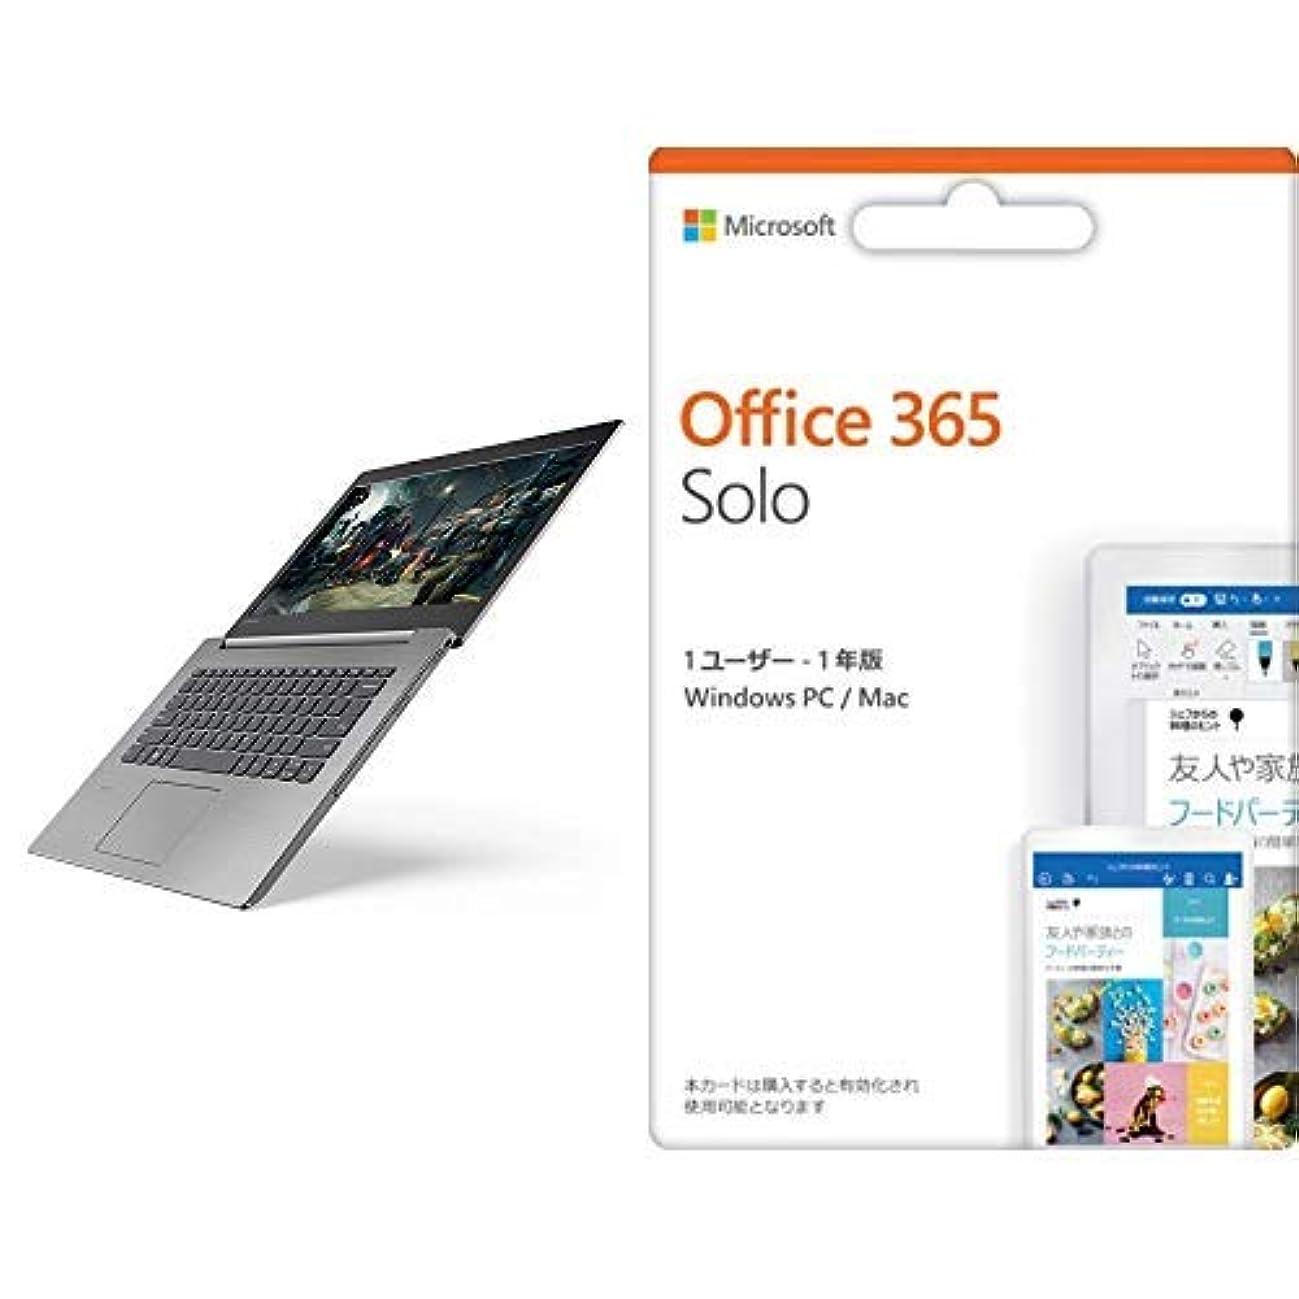 間違いなく行く後方にLenovo ノートパソコン ideapad 330 14.0型 Celeron搭載/4GBメモリー/500GB/プラチナグレー+ Office 365 Solo セット